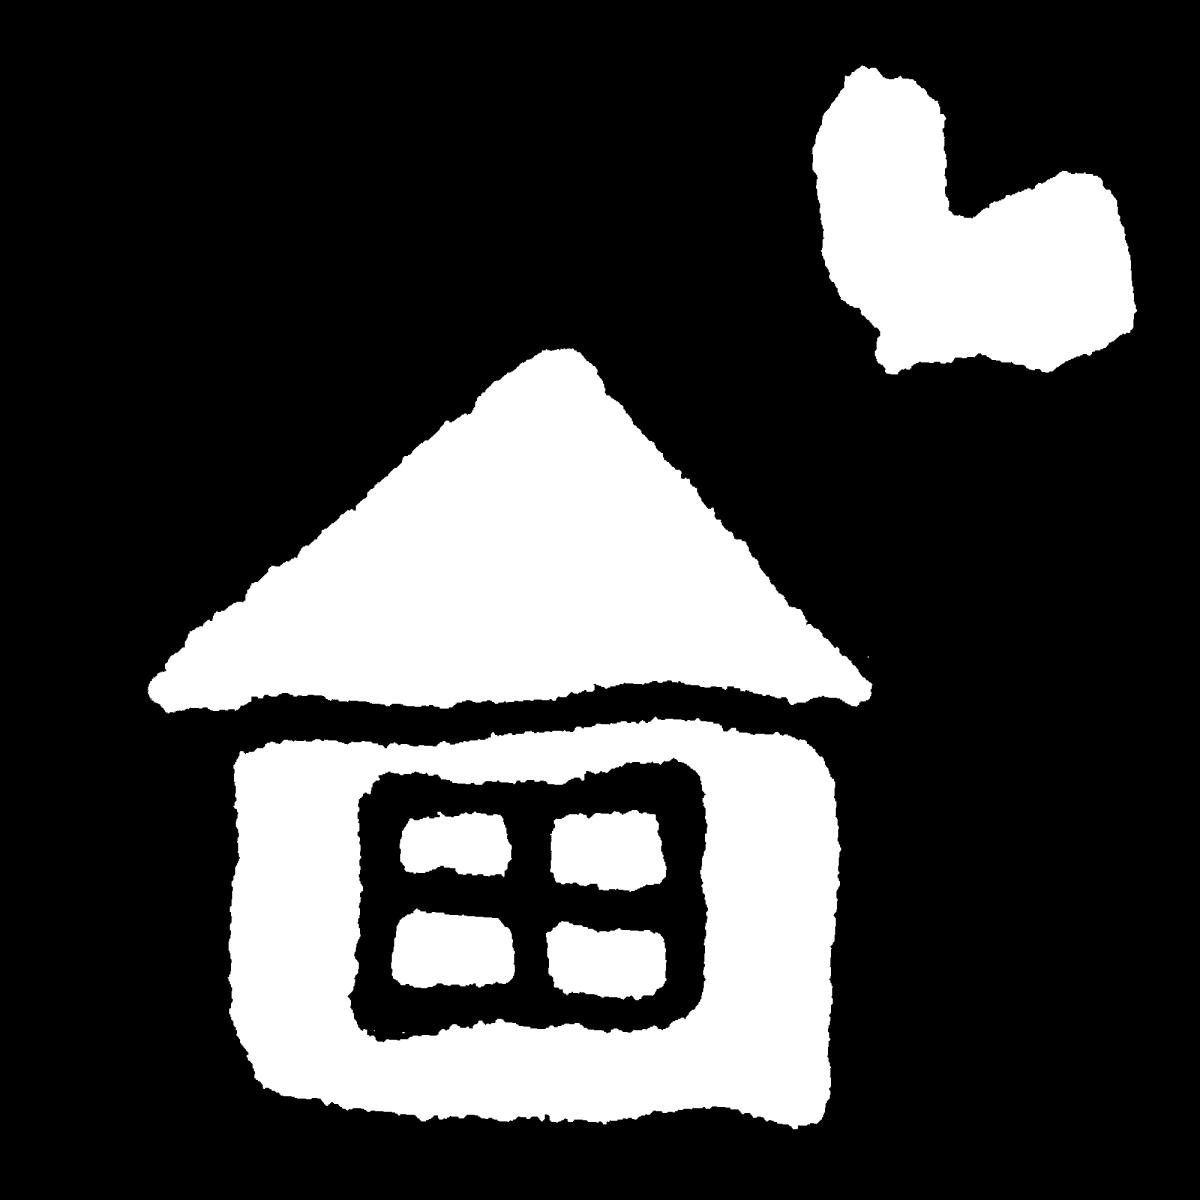 ハートが飛び出す家のイラスト A heart-popping house  Illustration